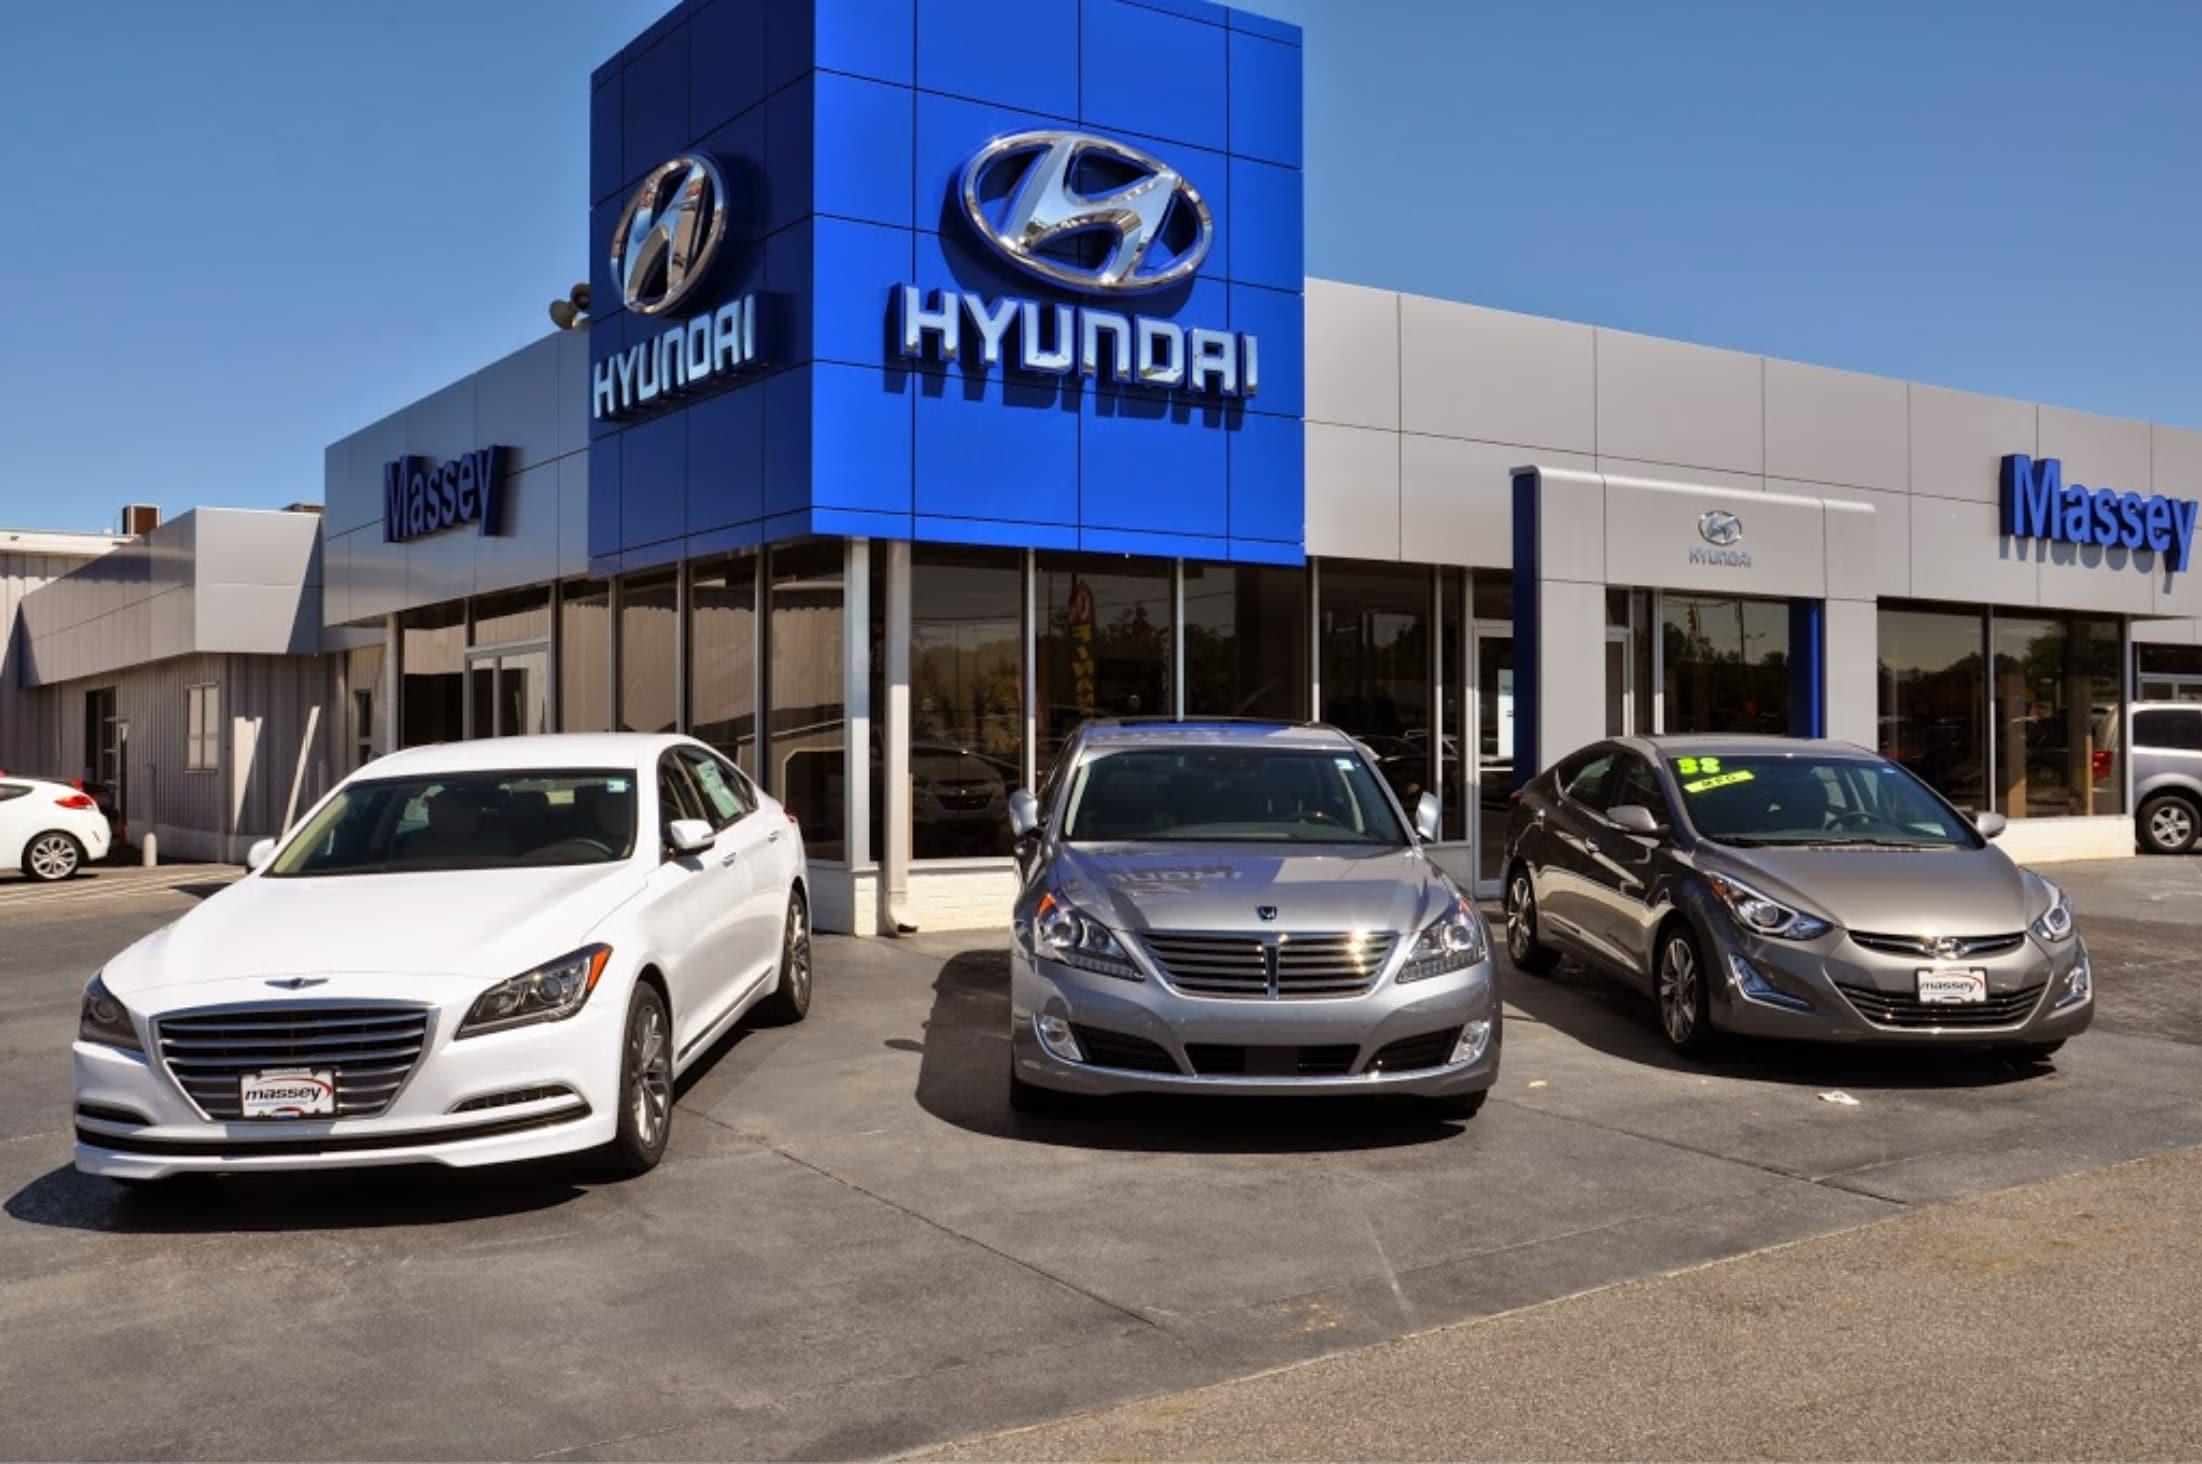 Massey Hyundai in Hagerstown, MD